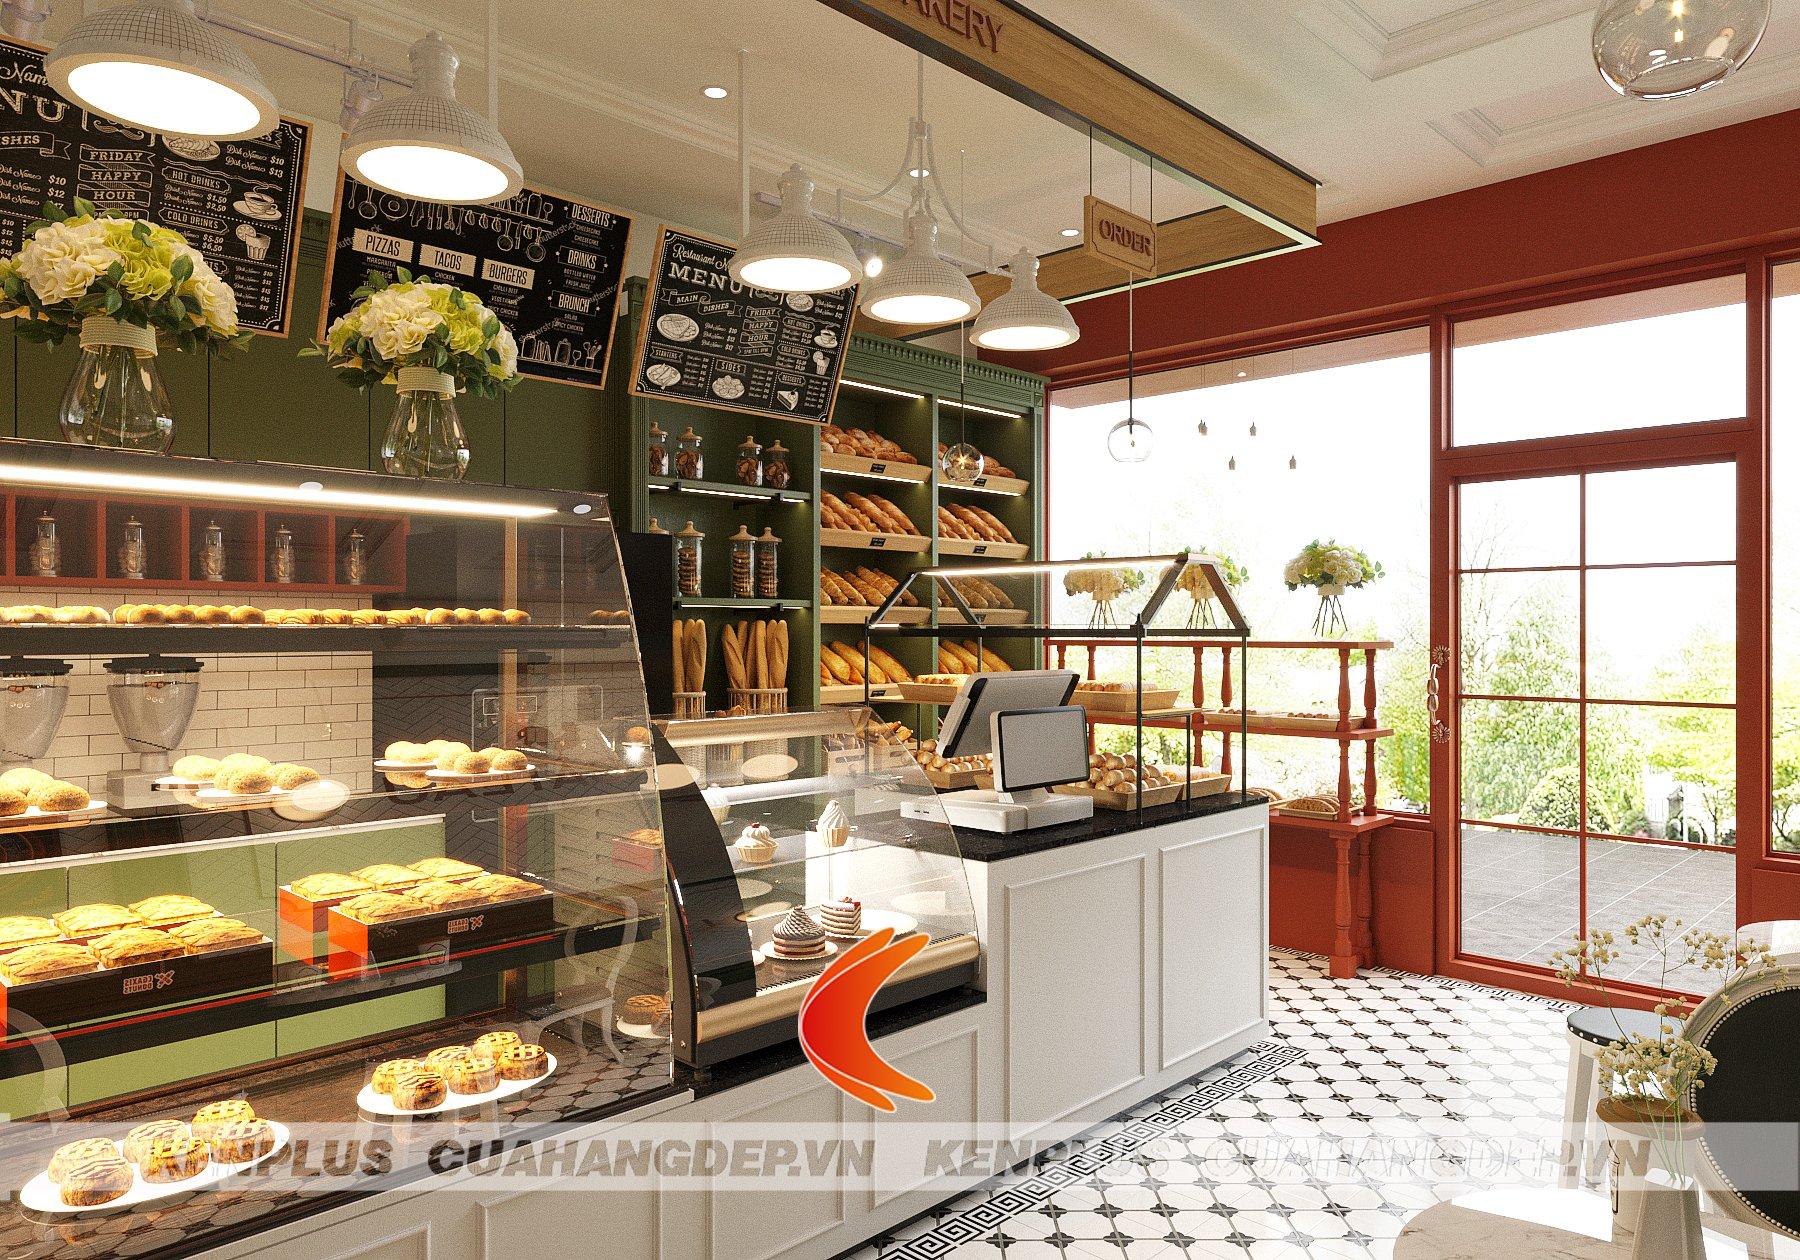 Tủ bánh đứng trong mẫu thiết kế cửa hàng bánh